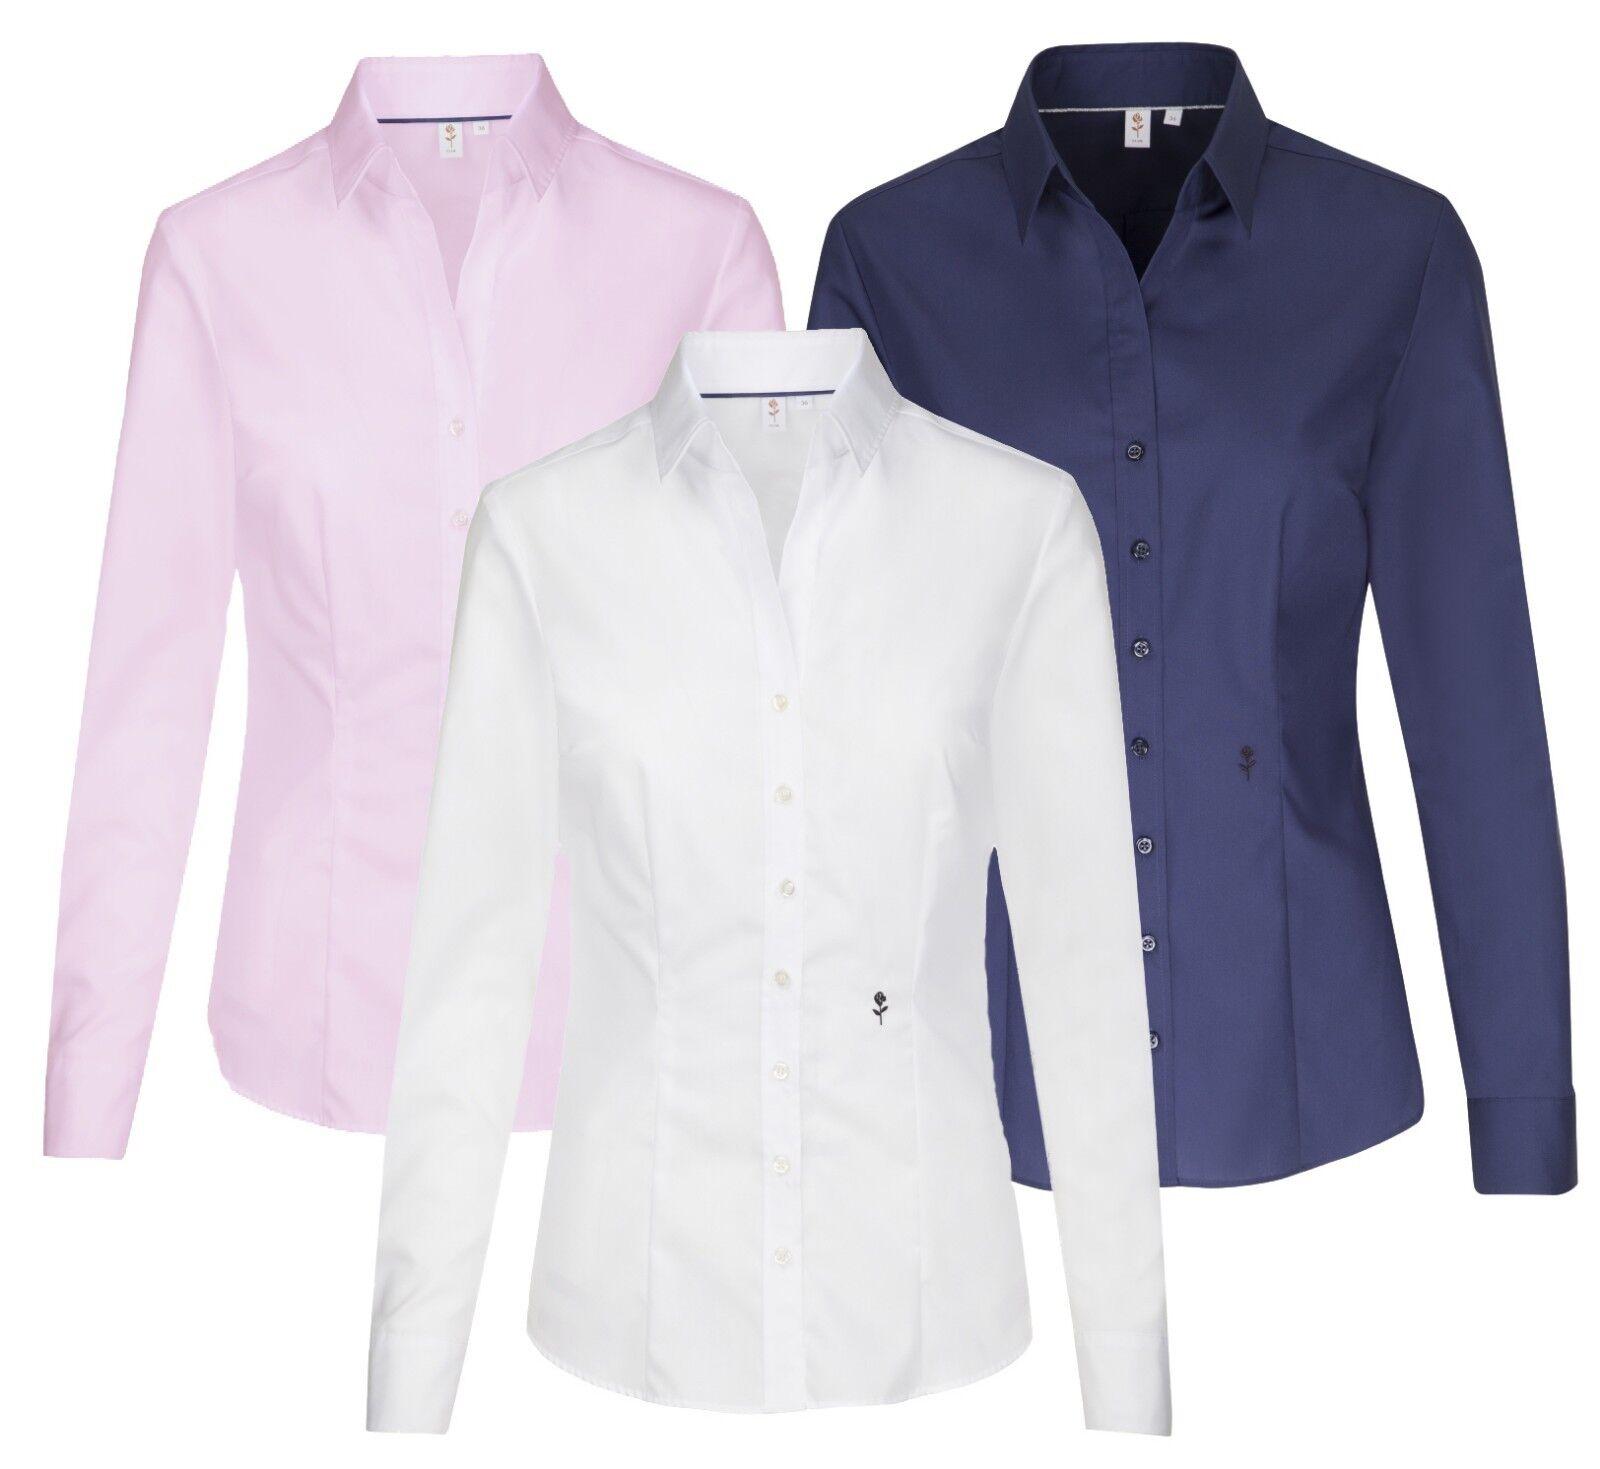 Damen Bluse weiß rosa navy Seidensticker SCHWARZE ROSE 080613 bügelfrei Slim Fit